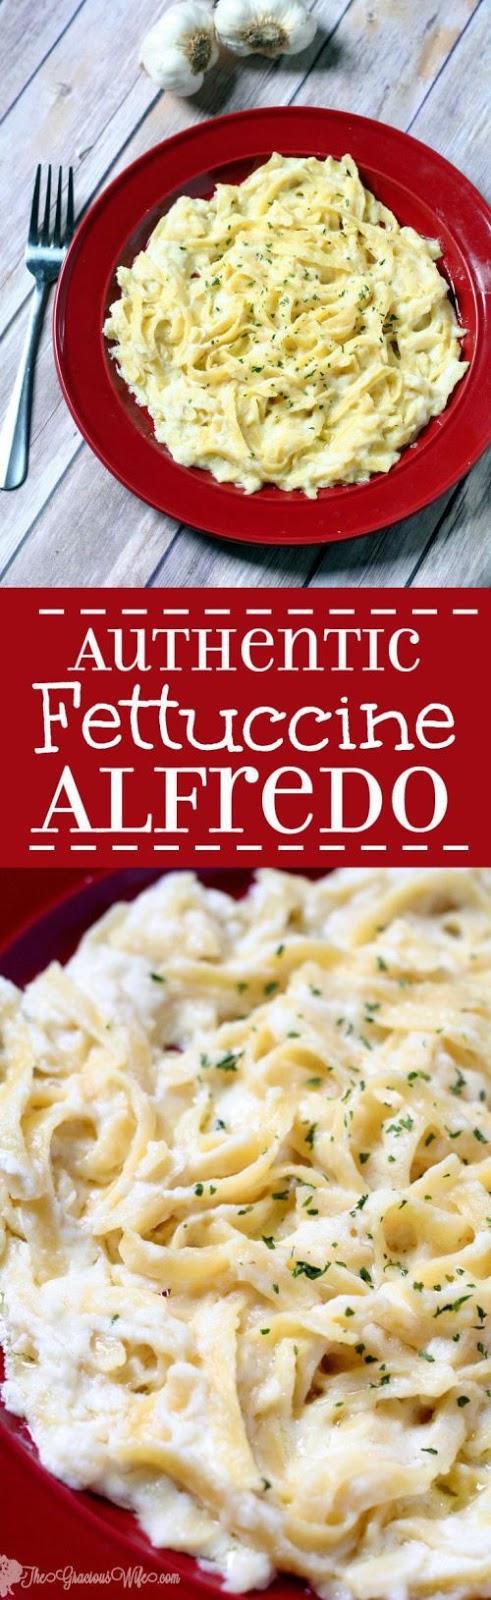 Authentic Fettuccine Alfredo